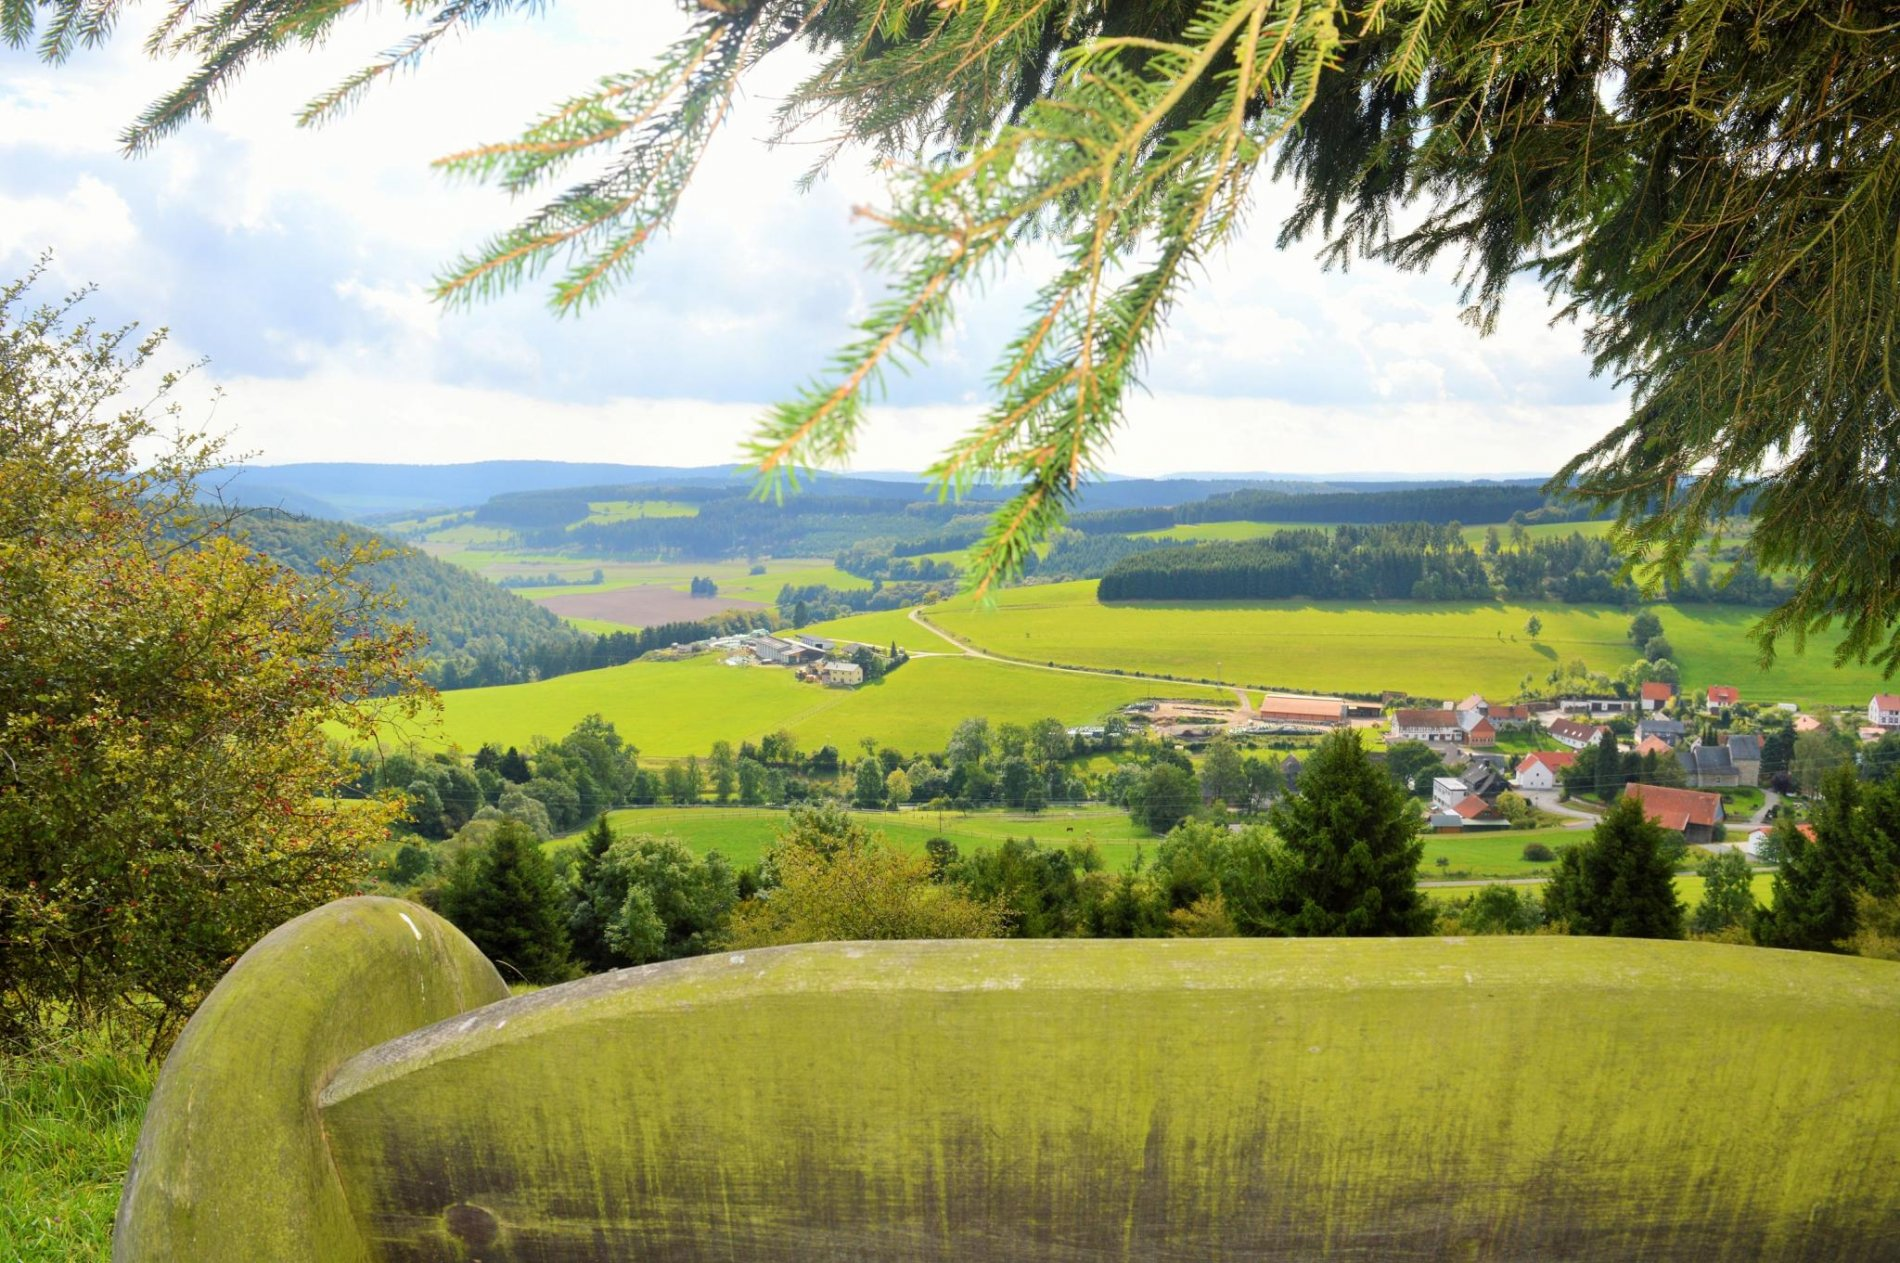 Blick vom Grotenberg auf Welleringhausen